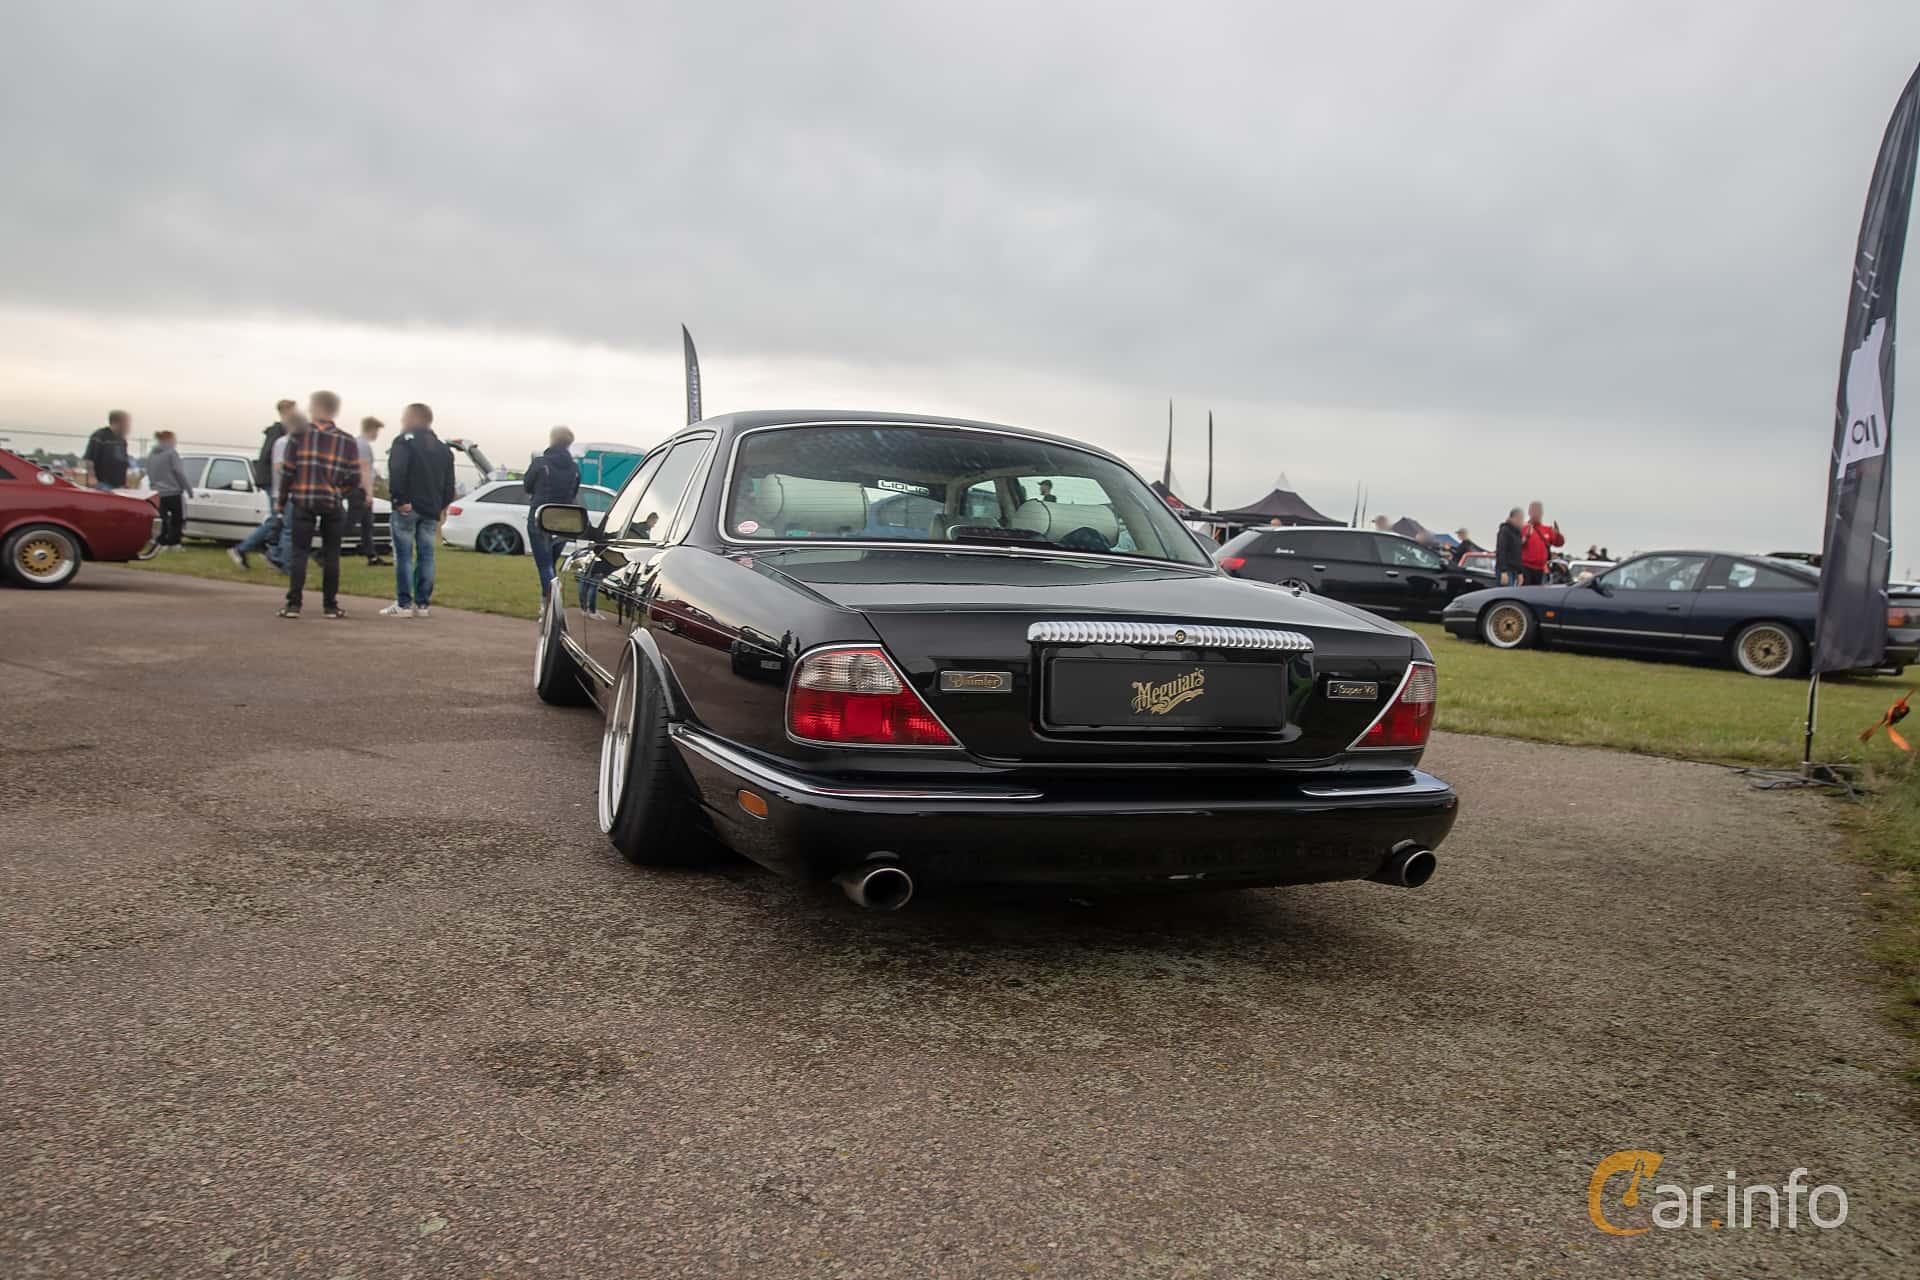 Daimler Super V8 LWB 4.0 V8 Automatic, 363hp, 1999 at Vallåkraträffen 2019